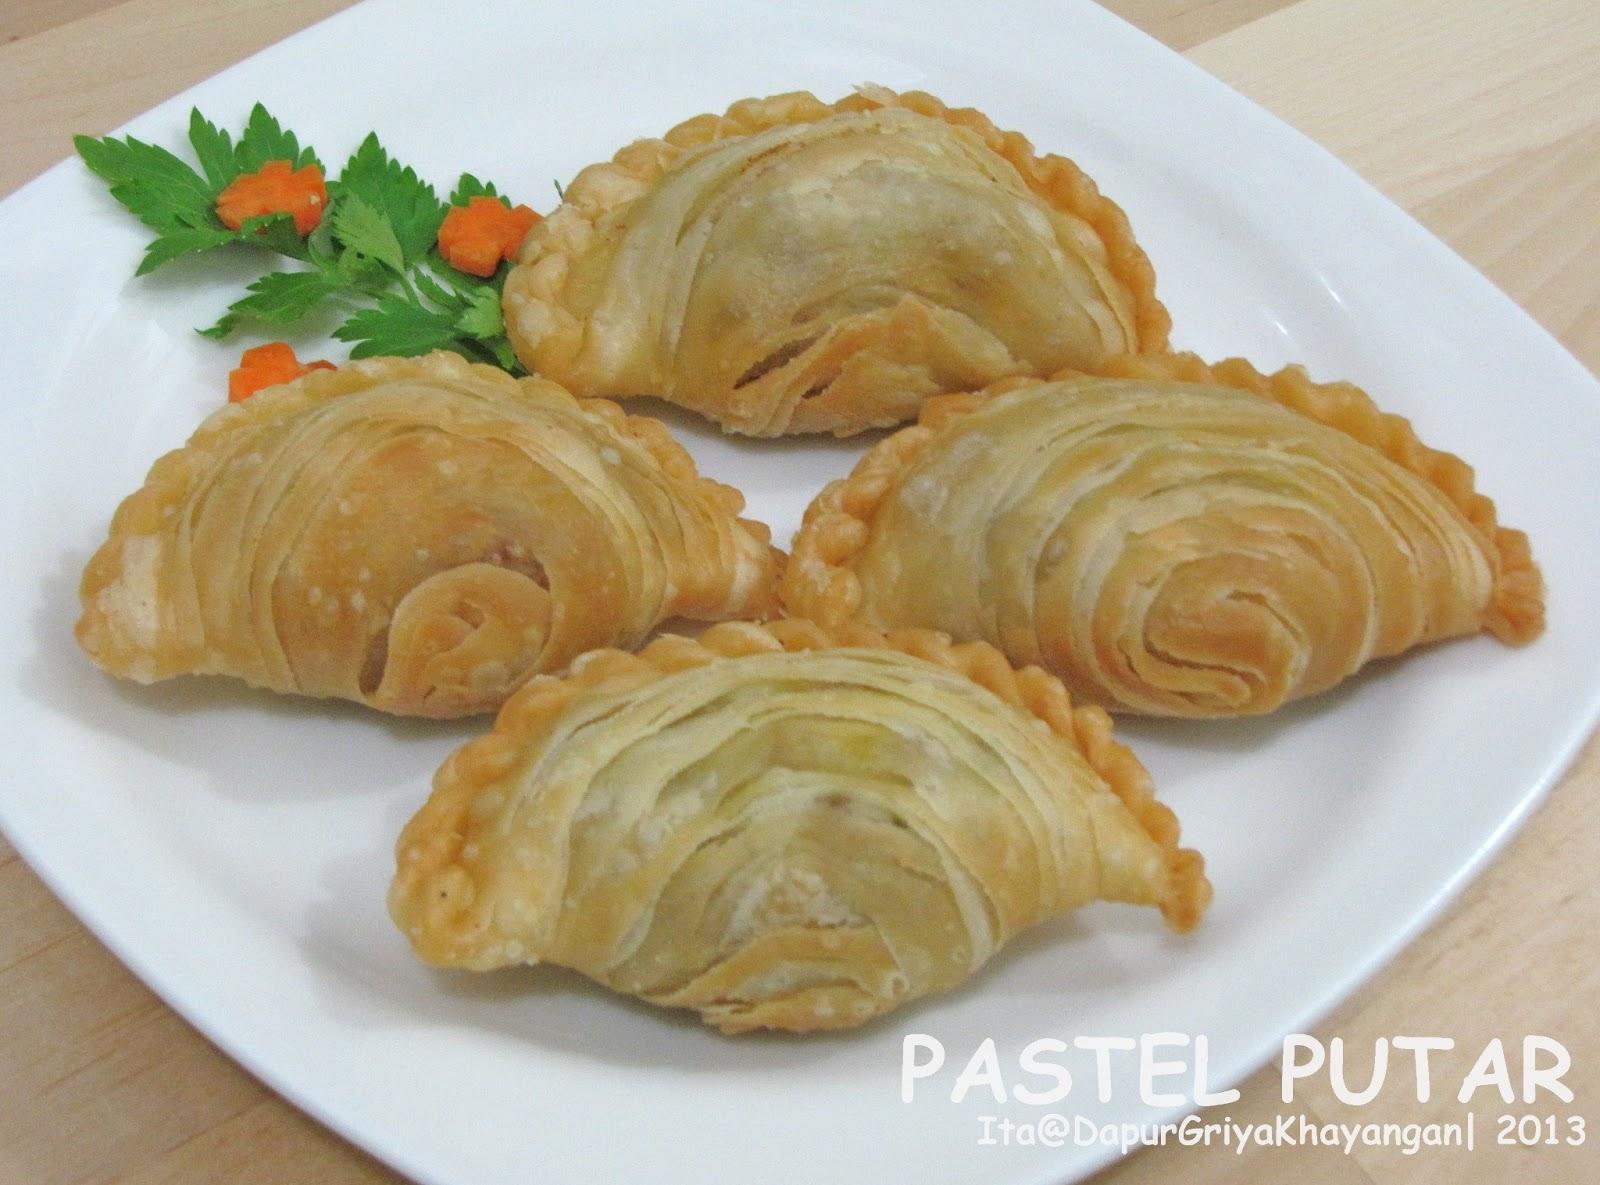 Dapur Griya Khayangan | category: Step By Step